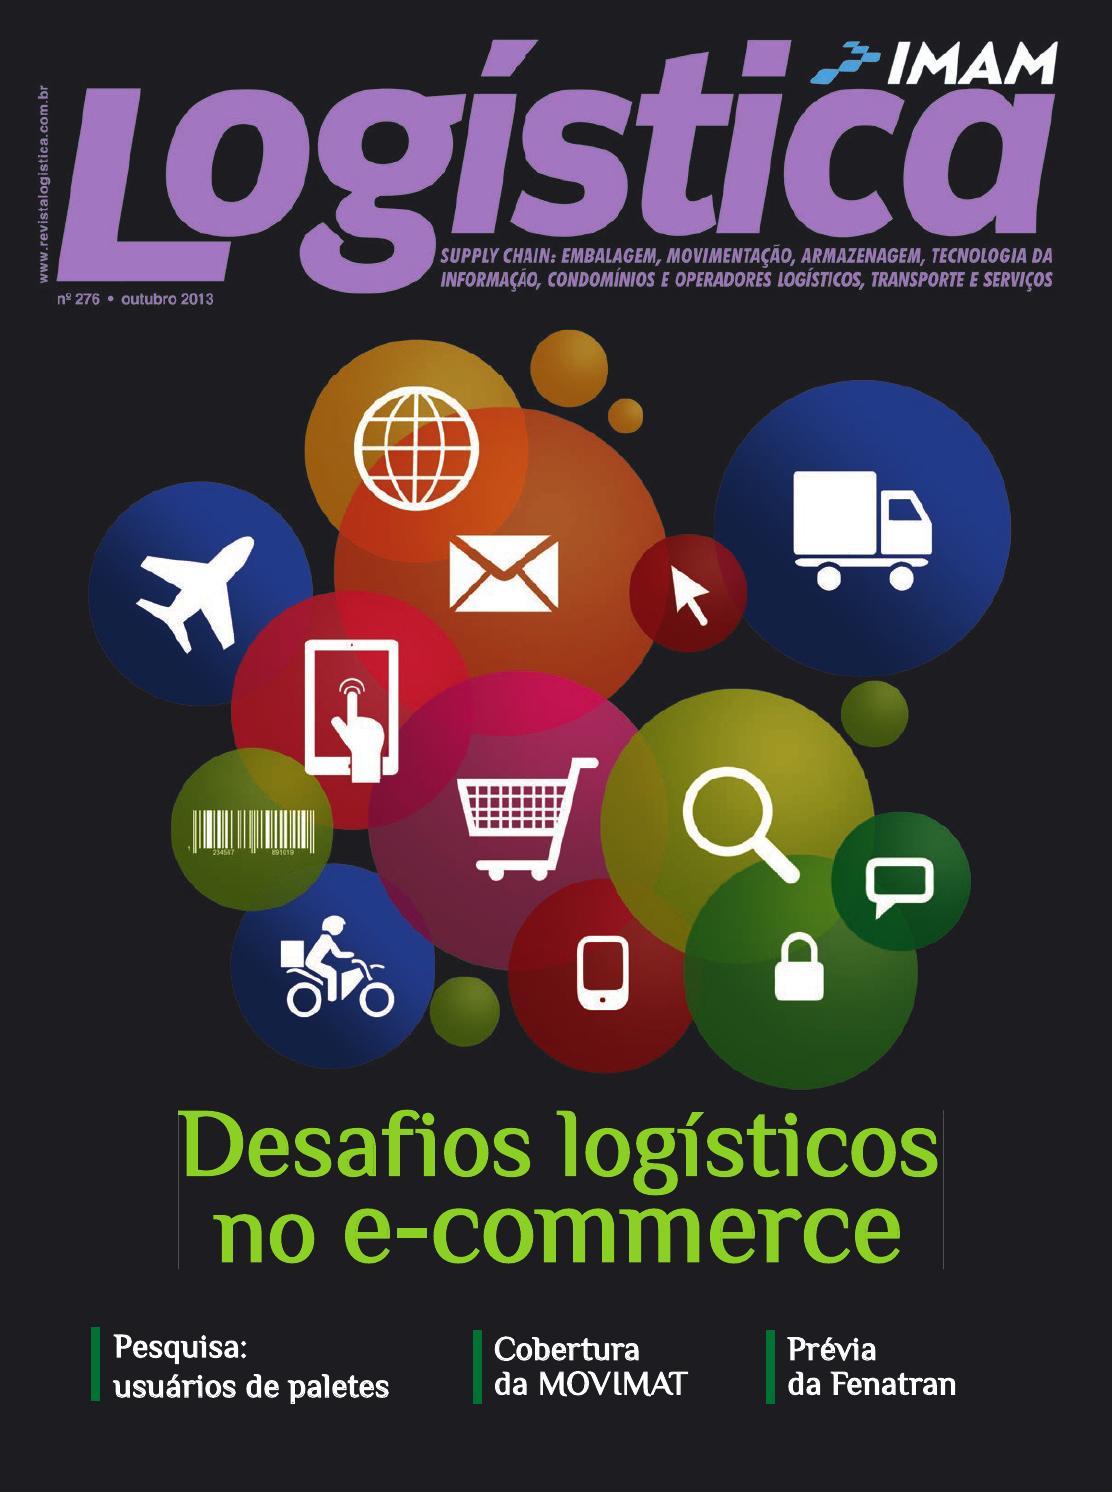 Revista LOGÍSTICA 276 - Outubro 2013 by Revista LOGÍSTICA - issuu de5a007a9408e